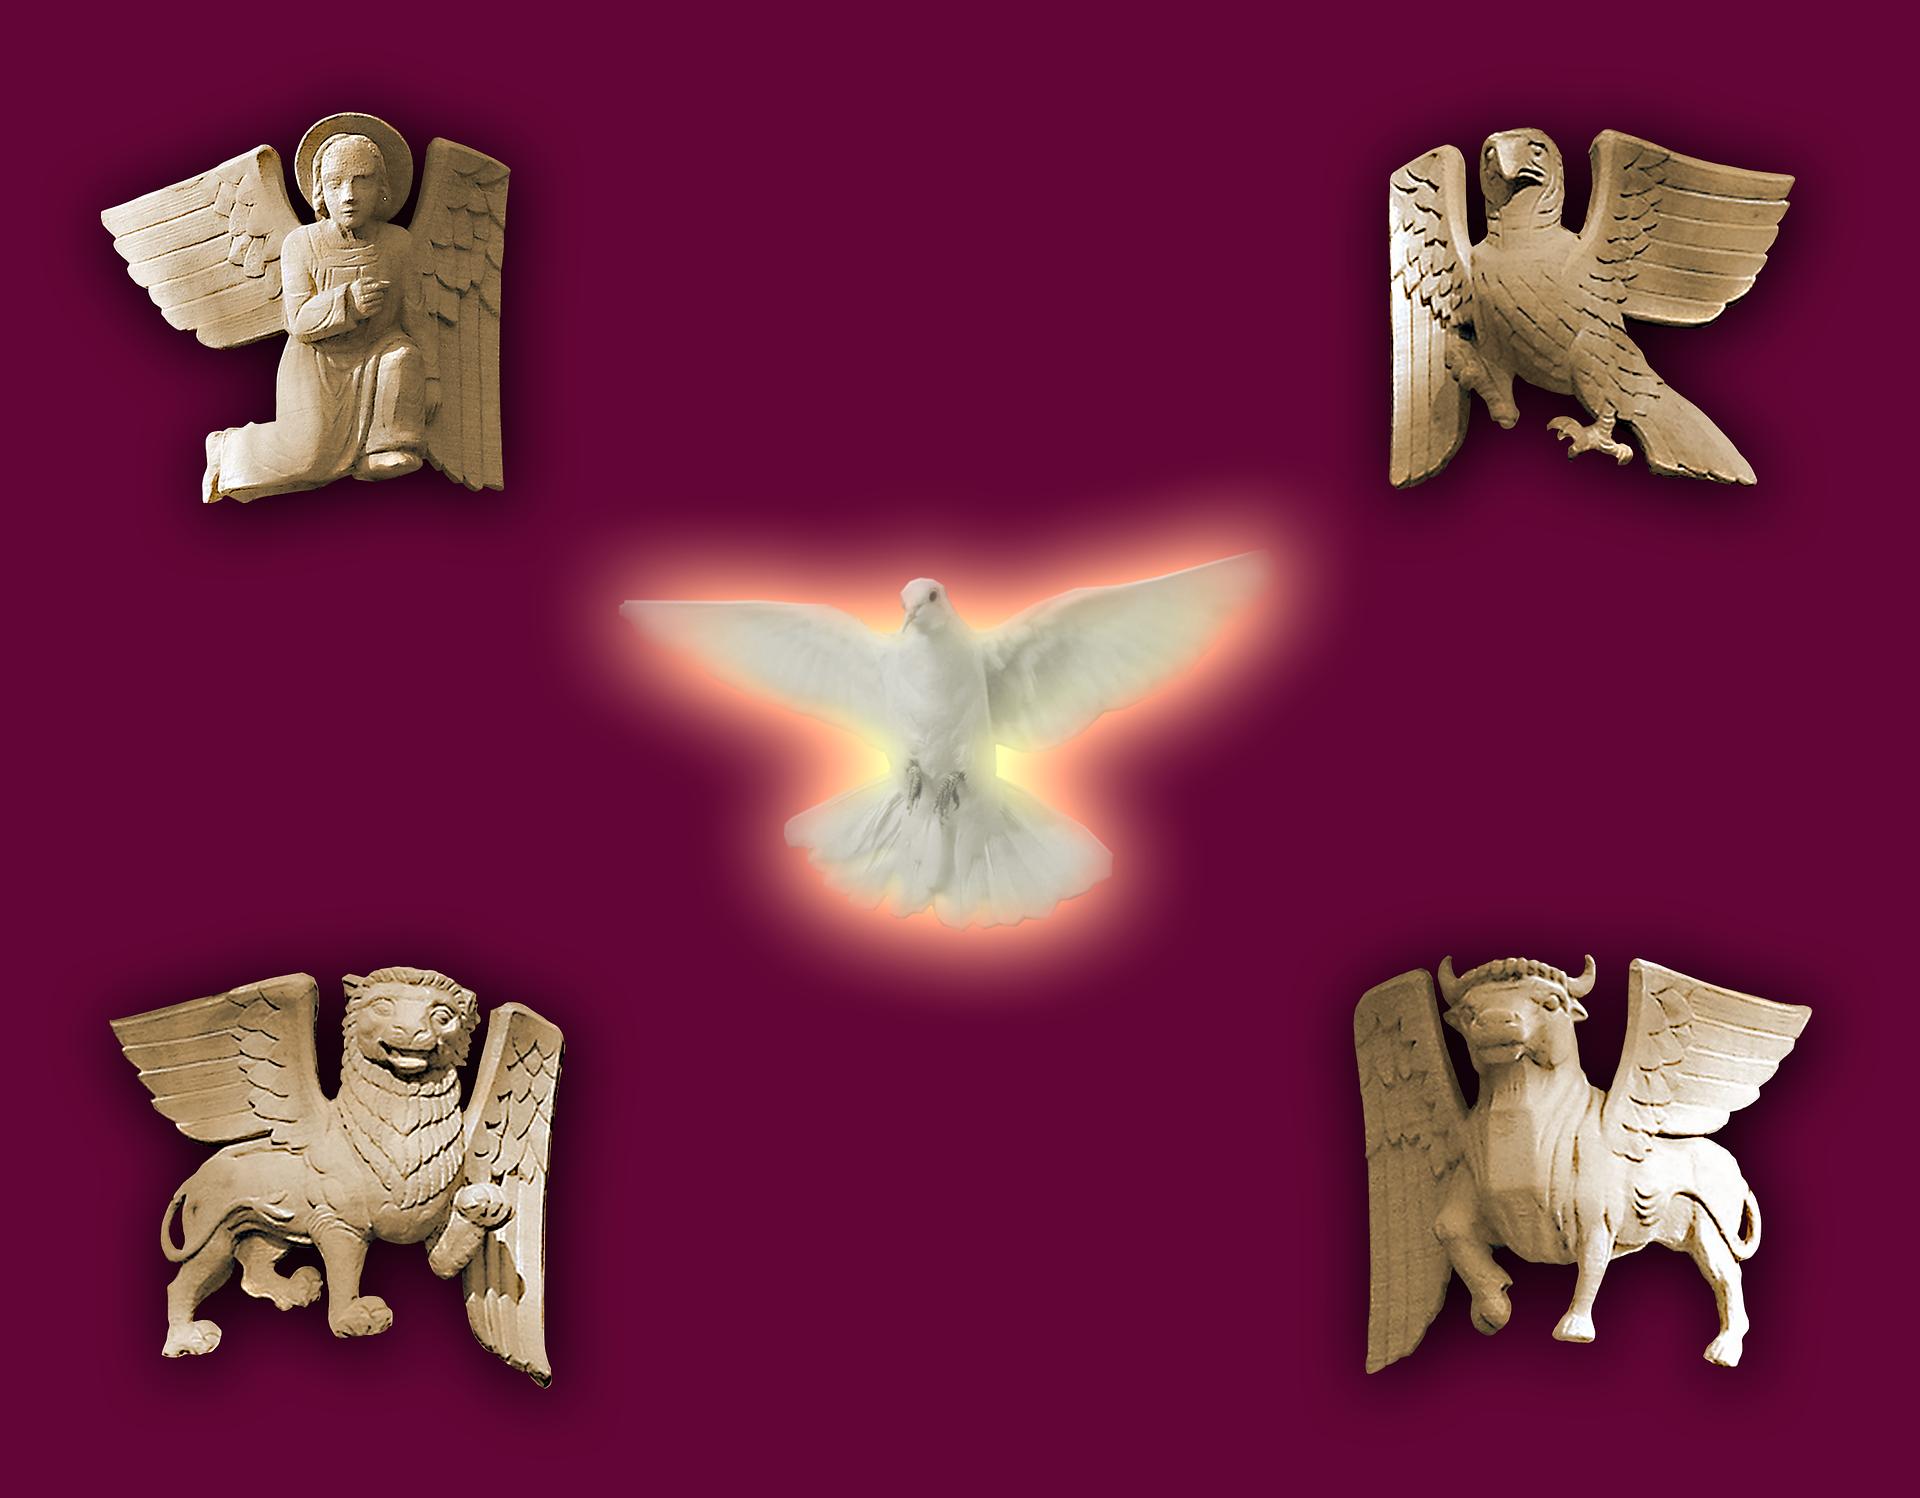 The symbols of evangelists photo